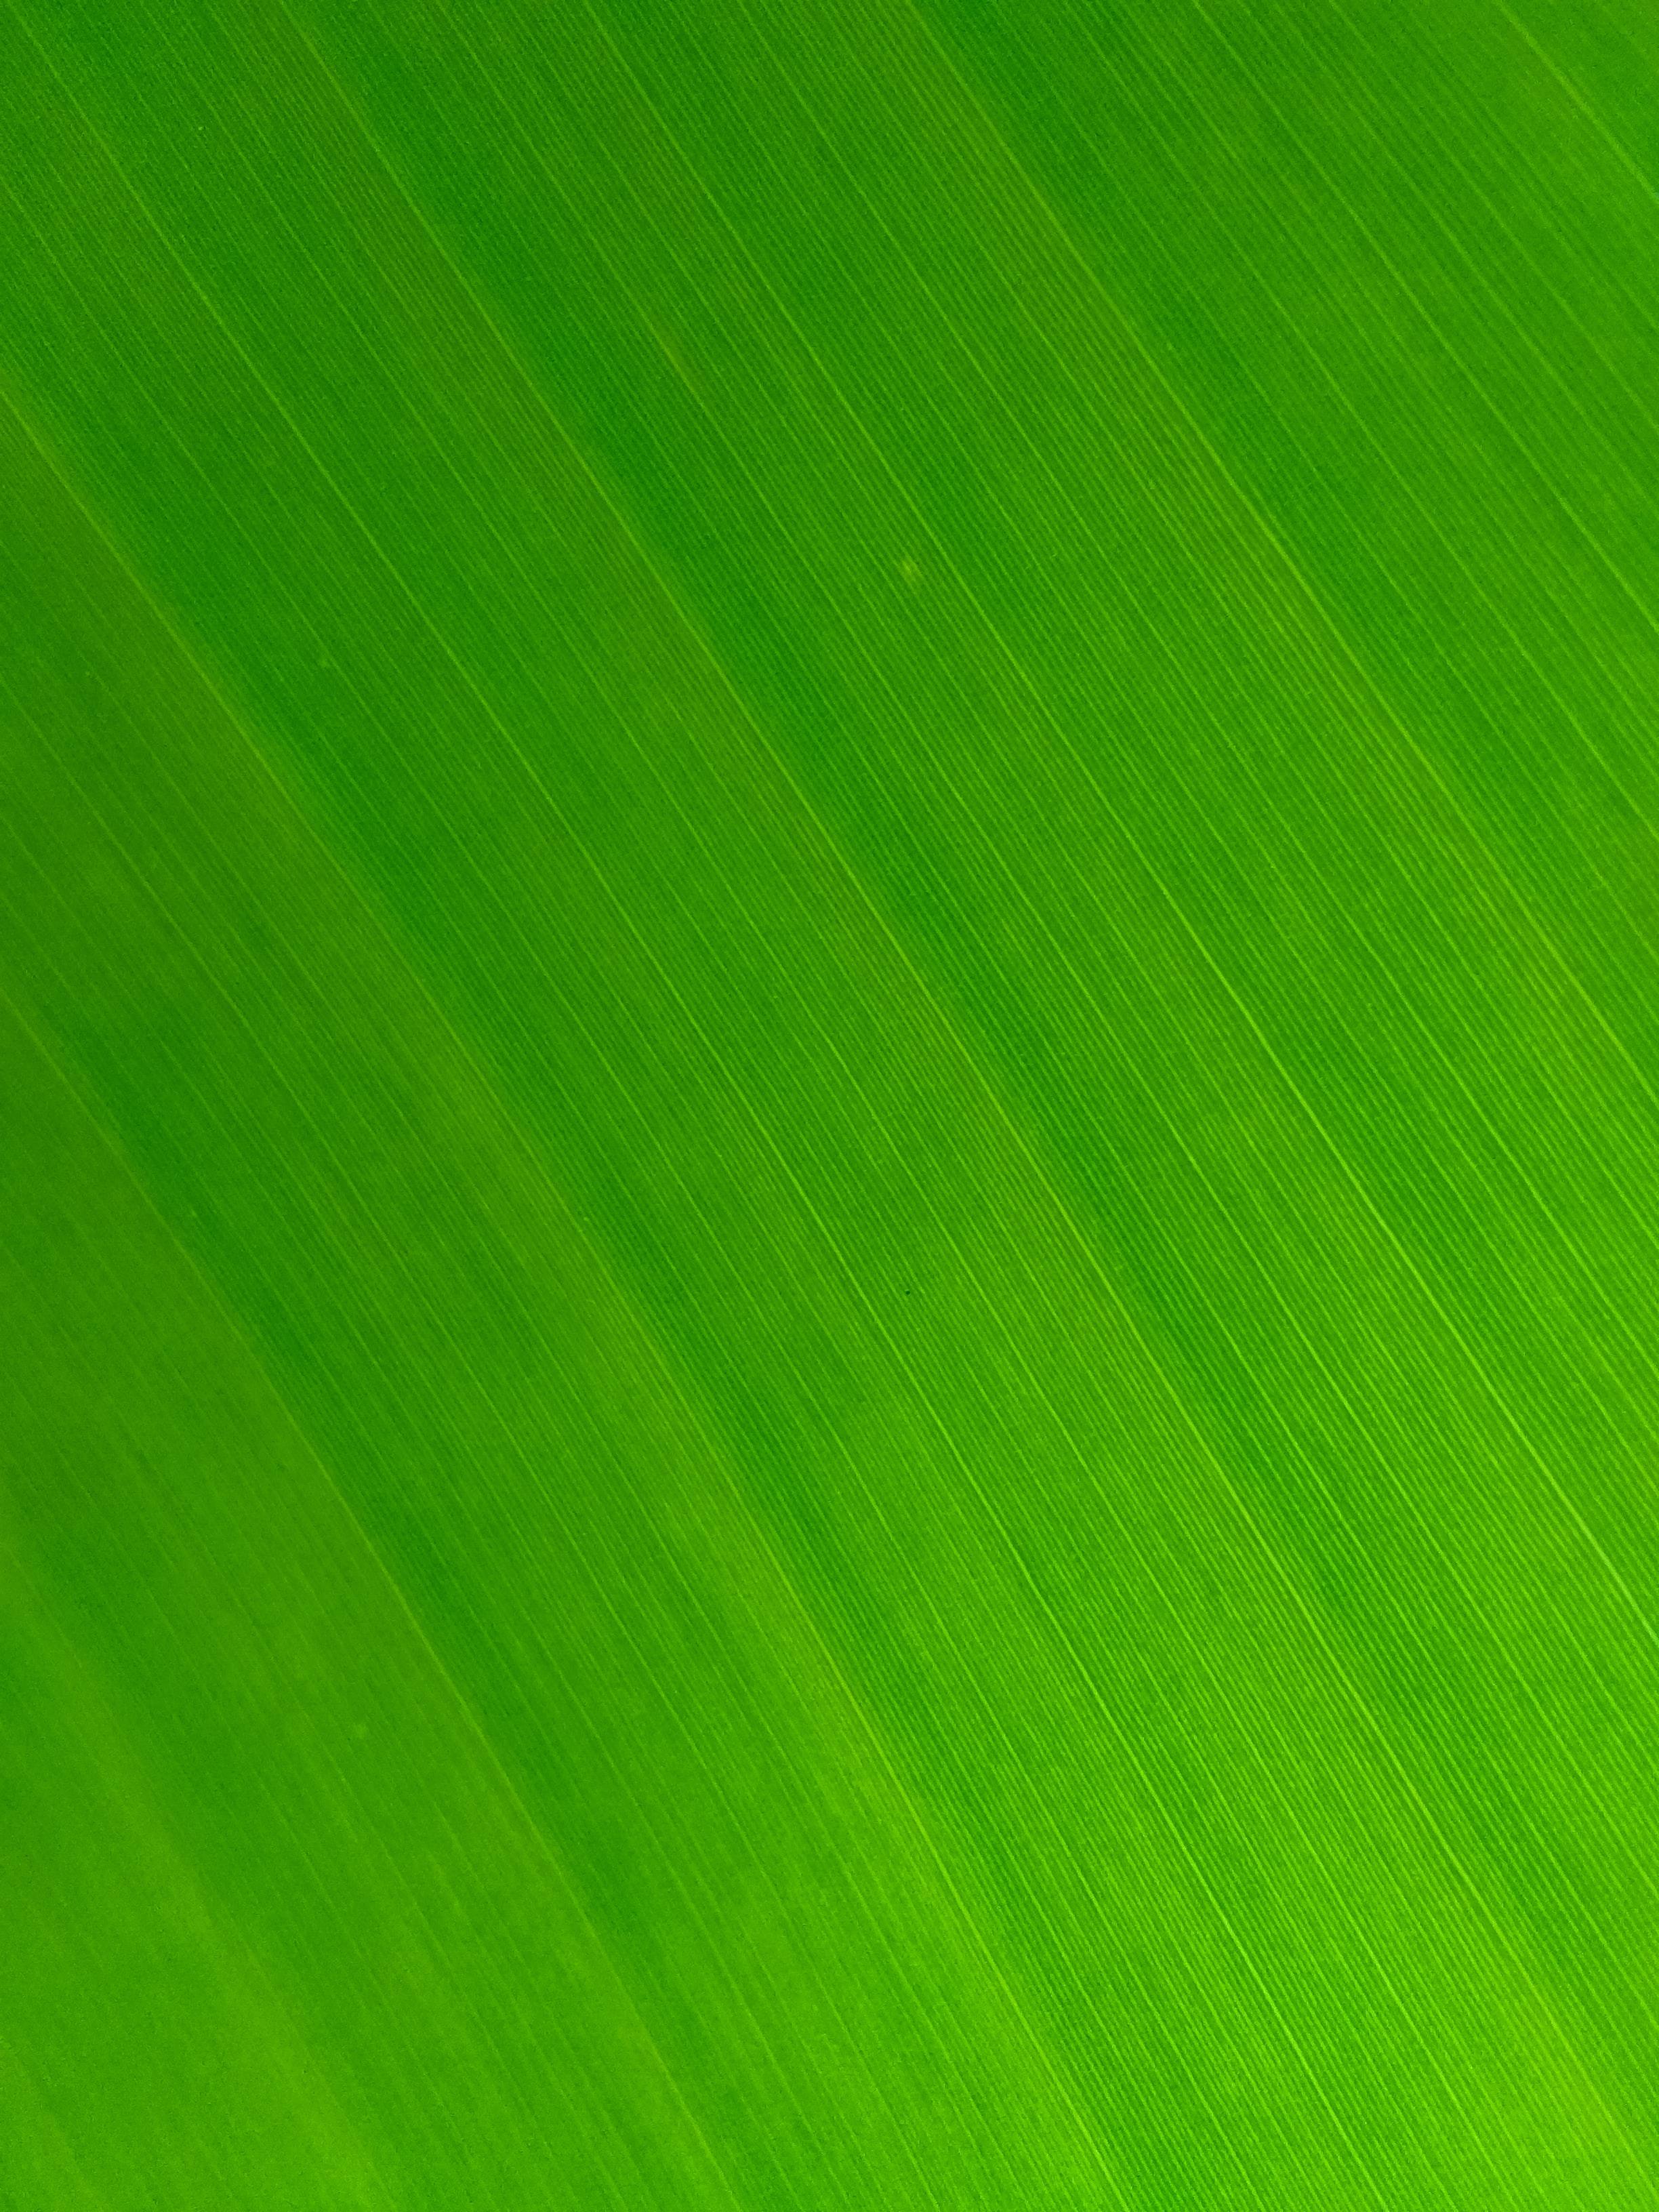 141241 Lade kostenlos Grün Hintergrundbilder für dein Handy herunter, Texturen, Makro, Textur, Blatt, Streifen, Venen Grün Bilder und Bildschirmschoner für dein Handy